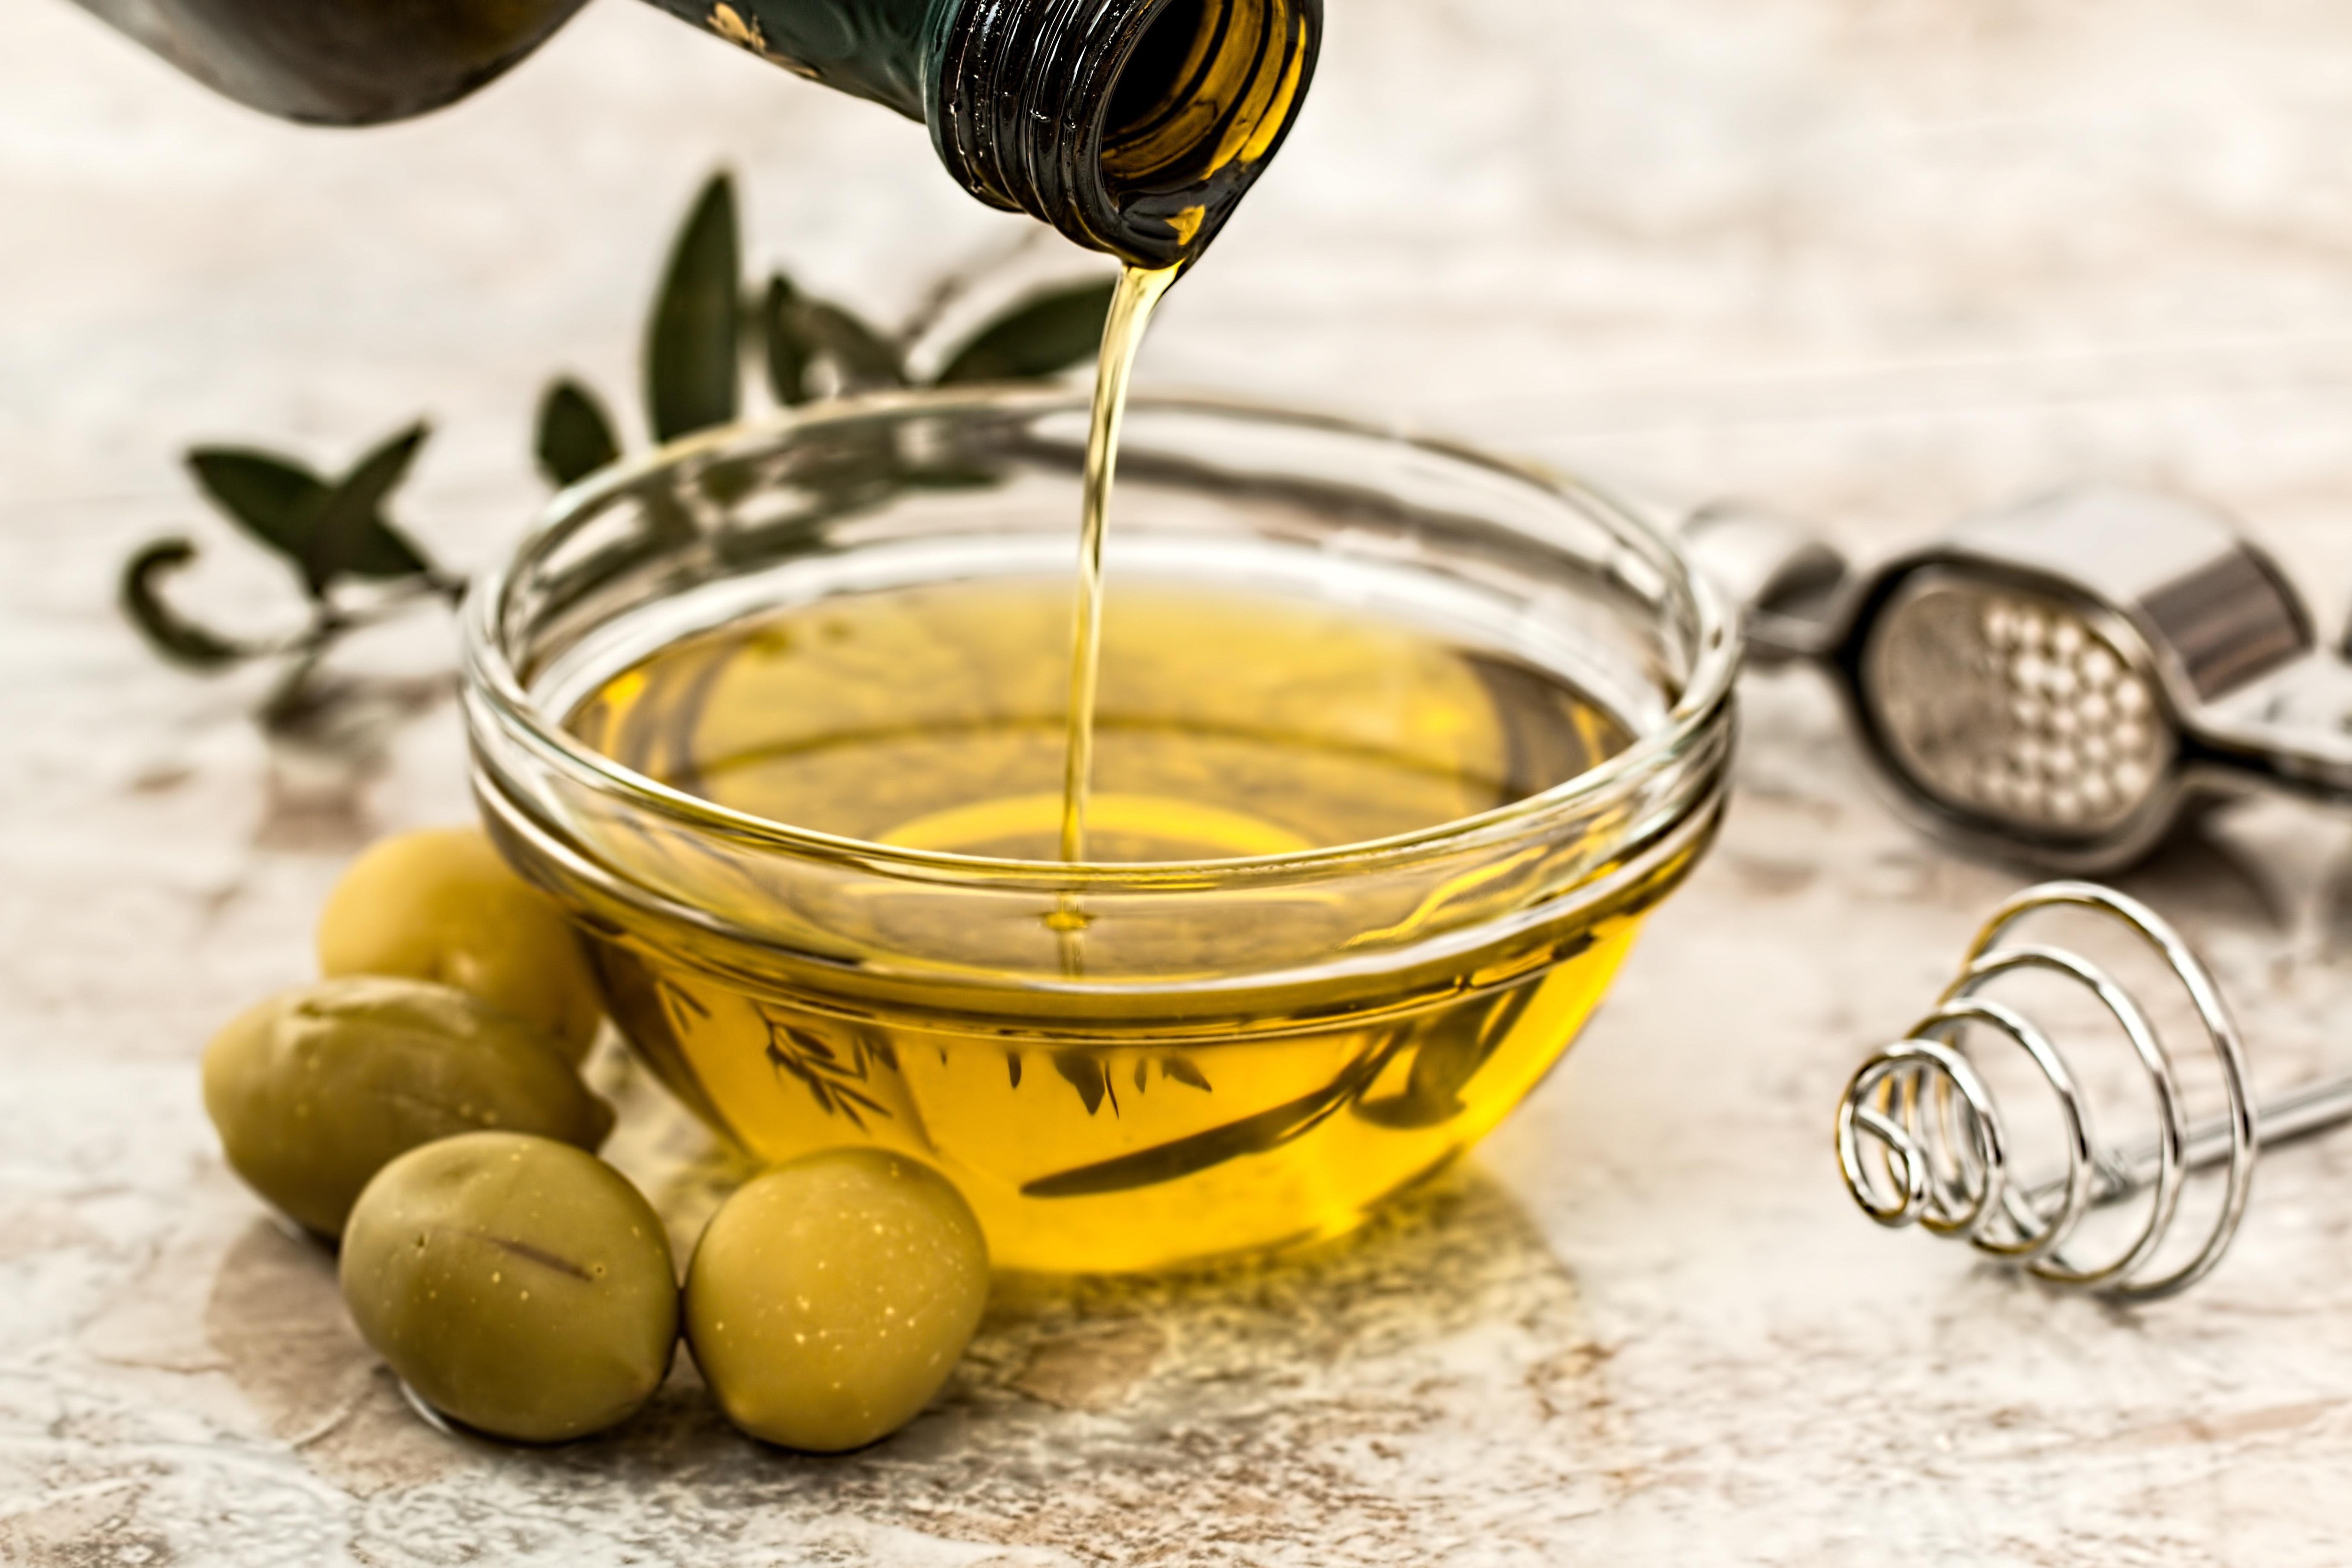 Нагрев  подсолнечного и льняного масел быстрее приводит к увеличению количества альдегидов, тогда как в оливковом масле они образуются медленнее